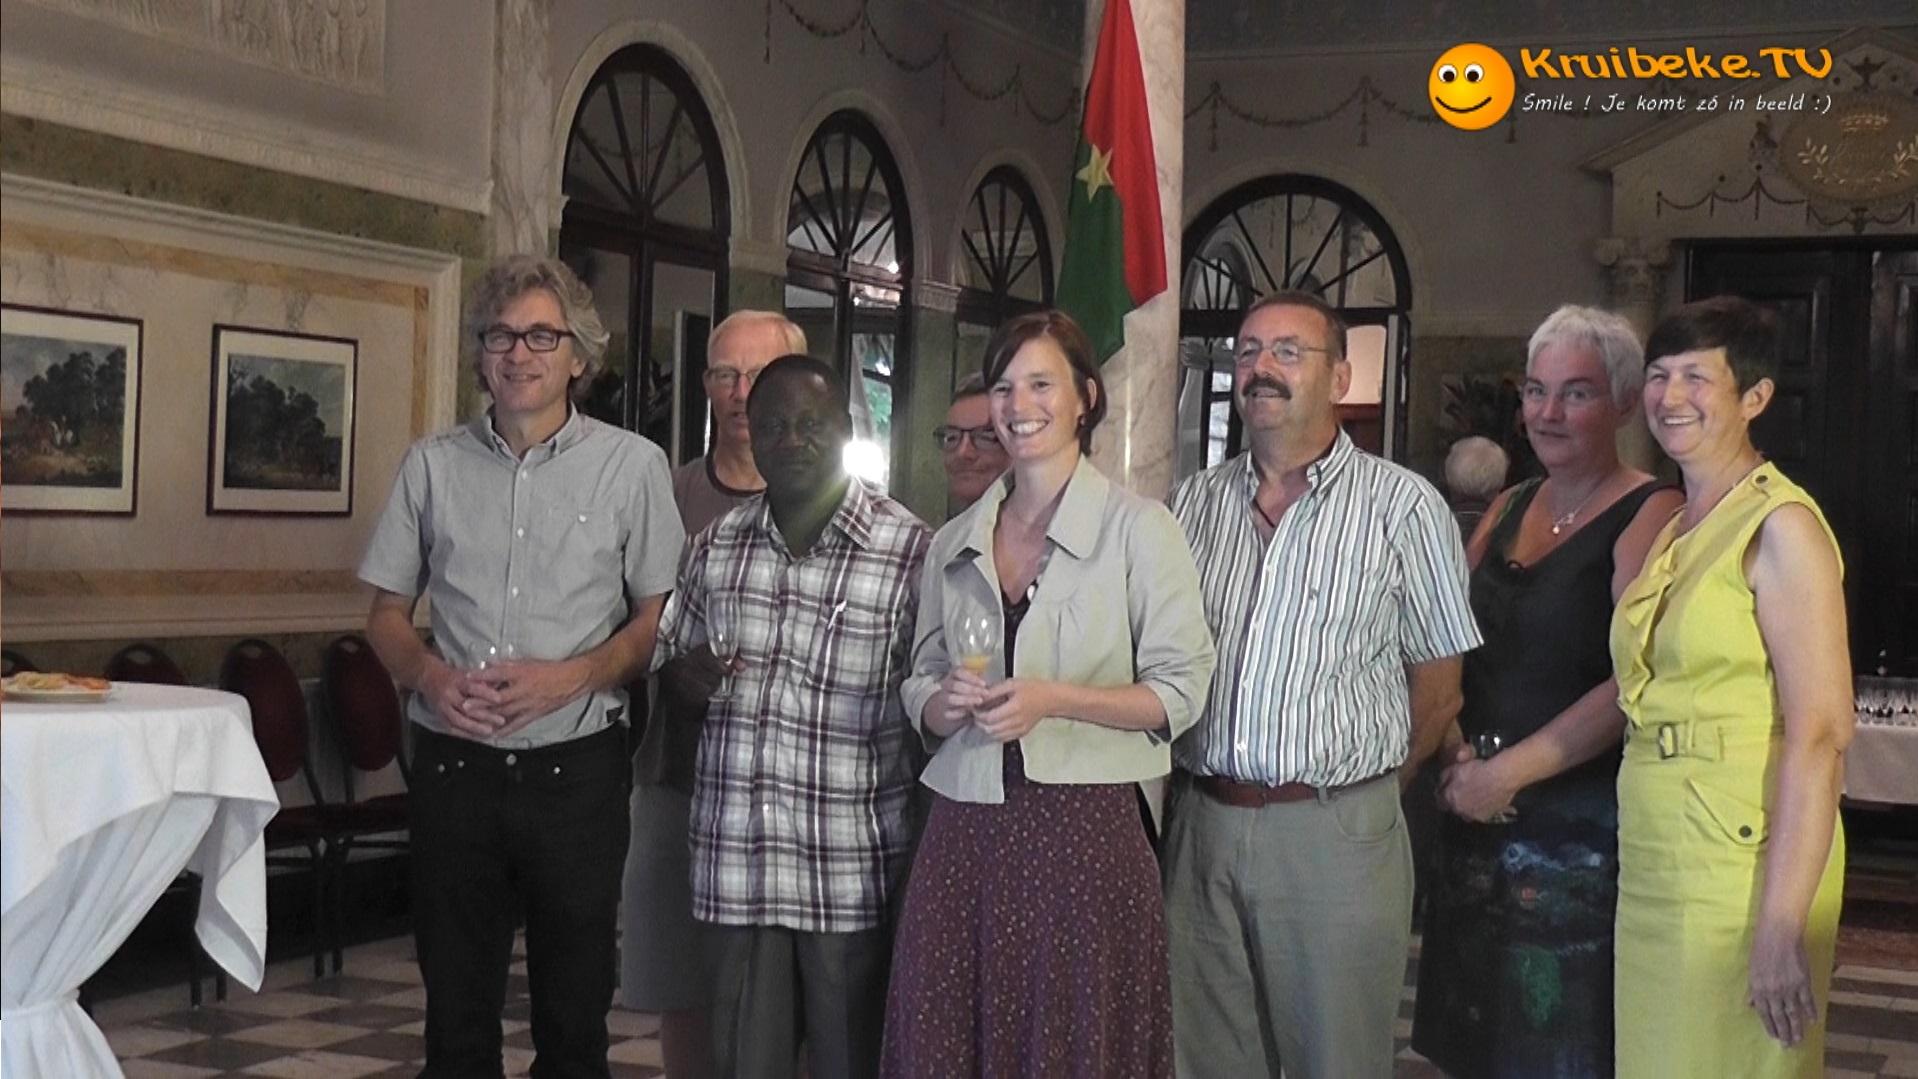 Remi Bense uit Burkina Faso ontvangen in Kruibeke